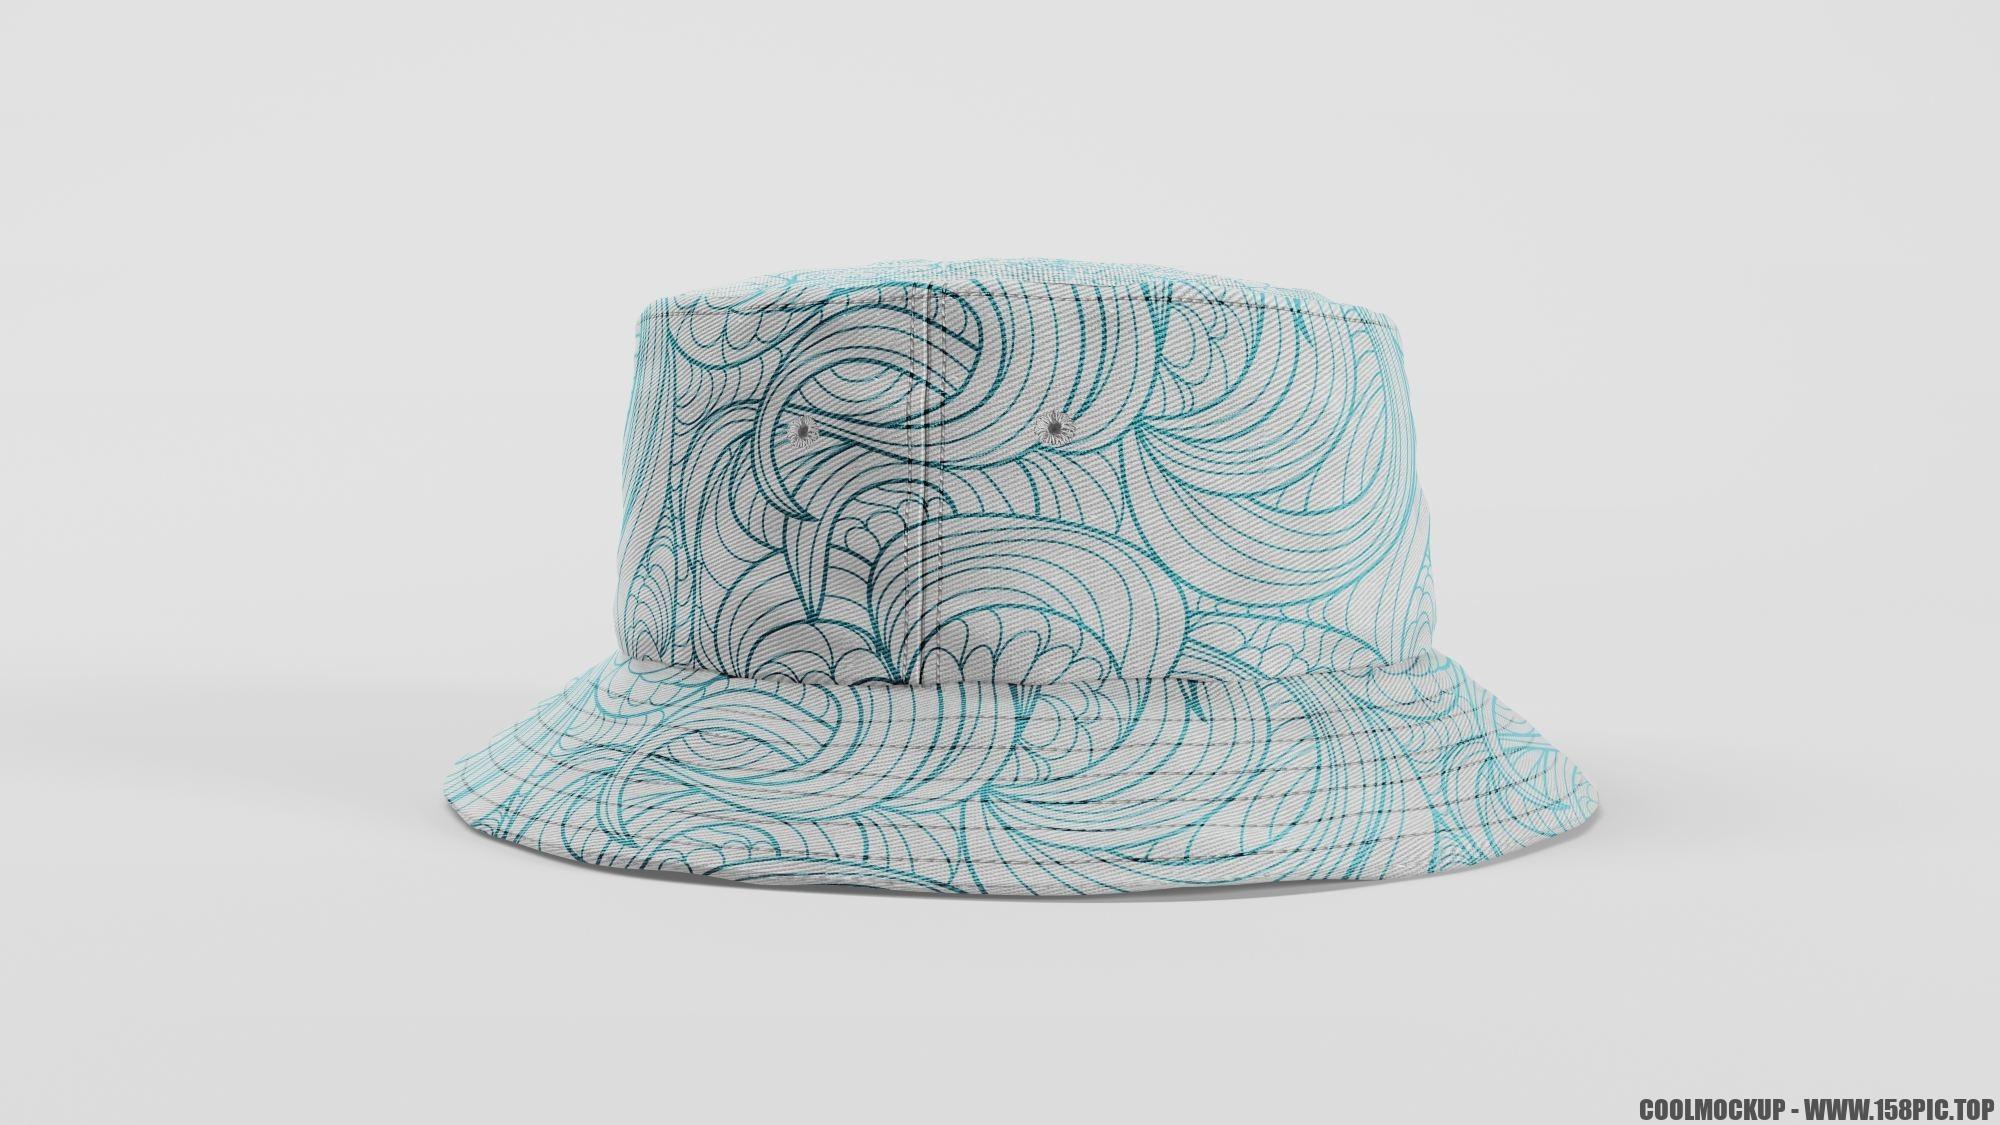 0ee05c75fbced11 - 简约编织渔夫帽样机